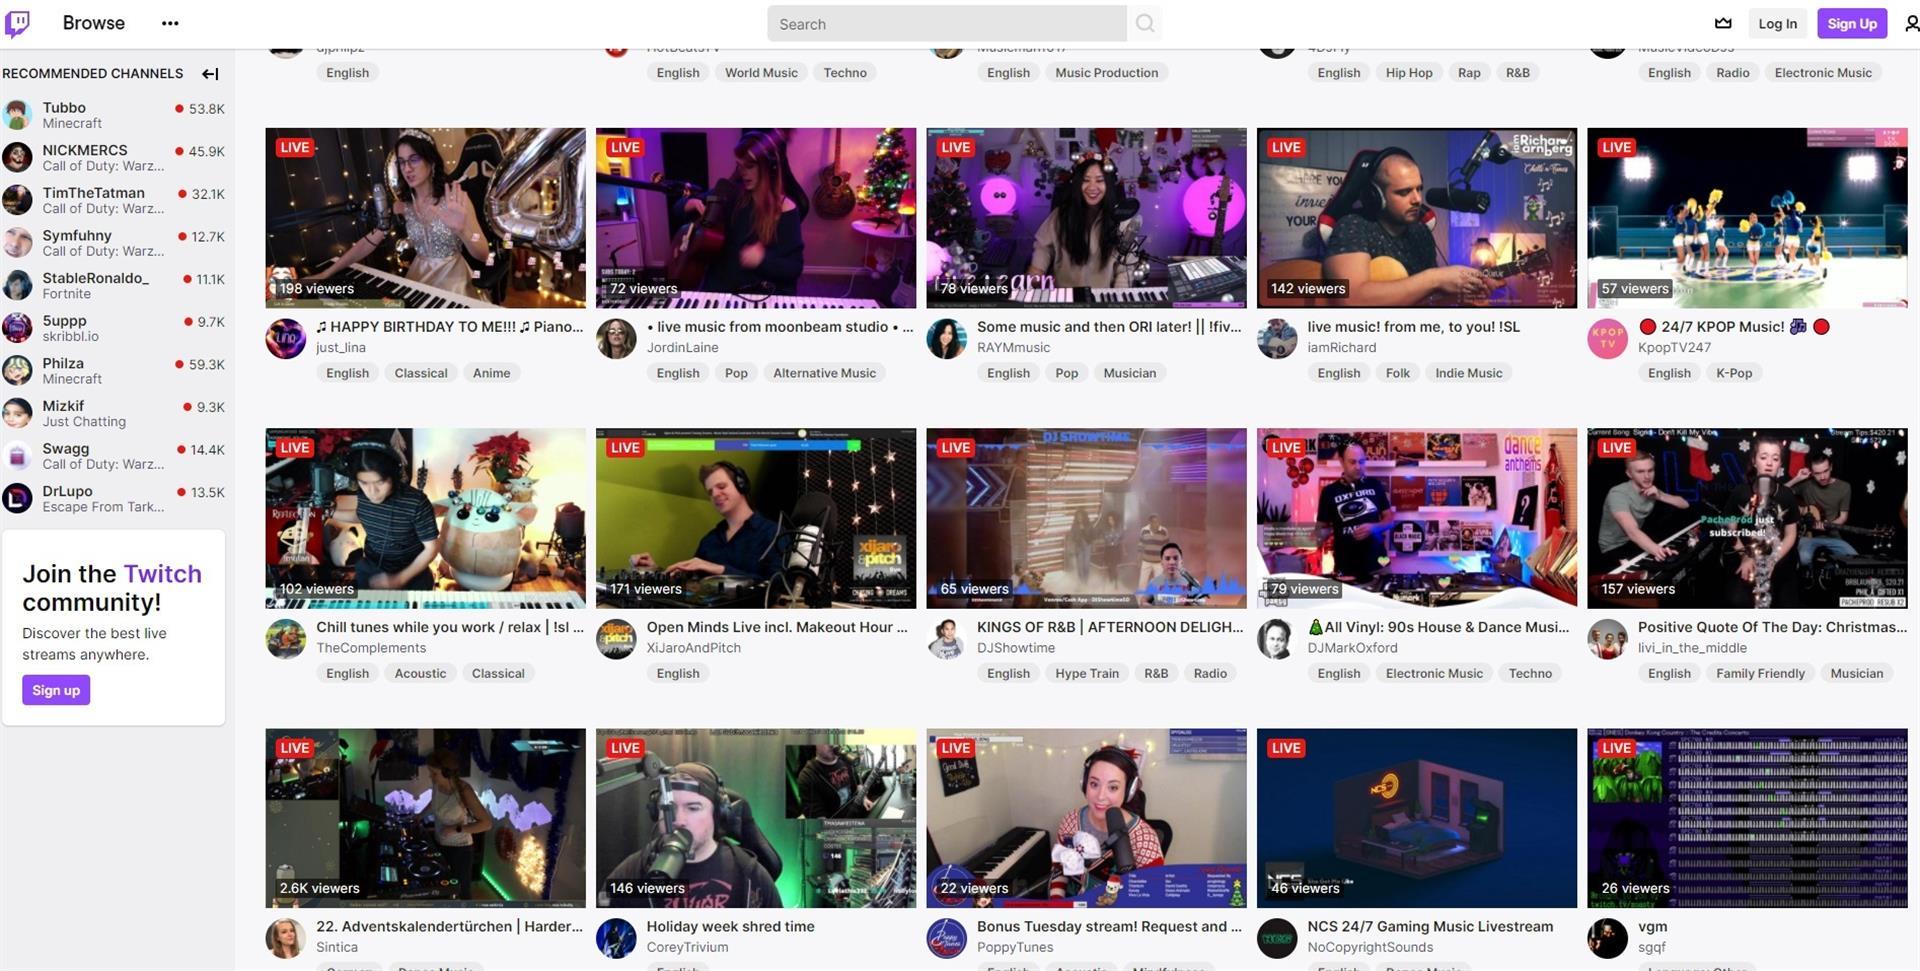 Twitch es pirateado y revelan datos sobre supuestos pagos a streamers AuronPlay, Ibai Llanos y el Rubius - Prensa Libre